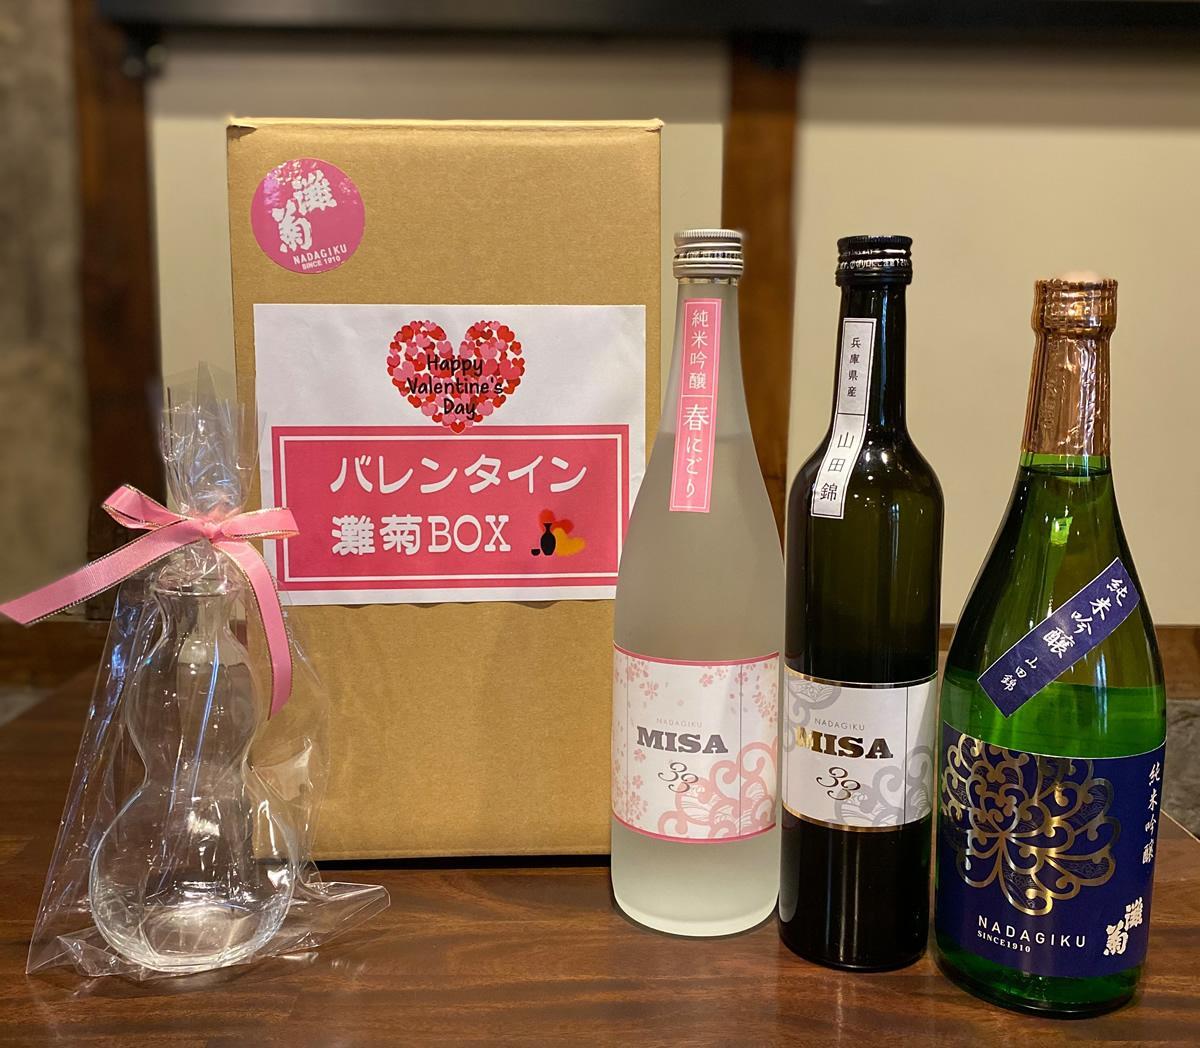 灘菊バレンタインBOX